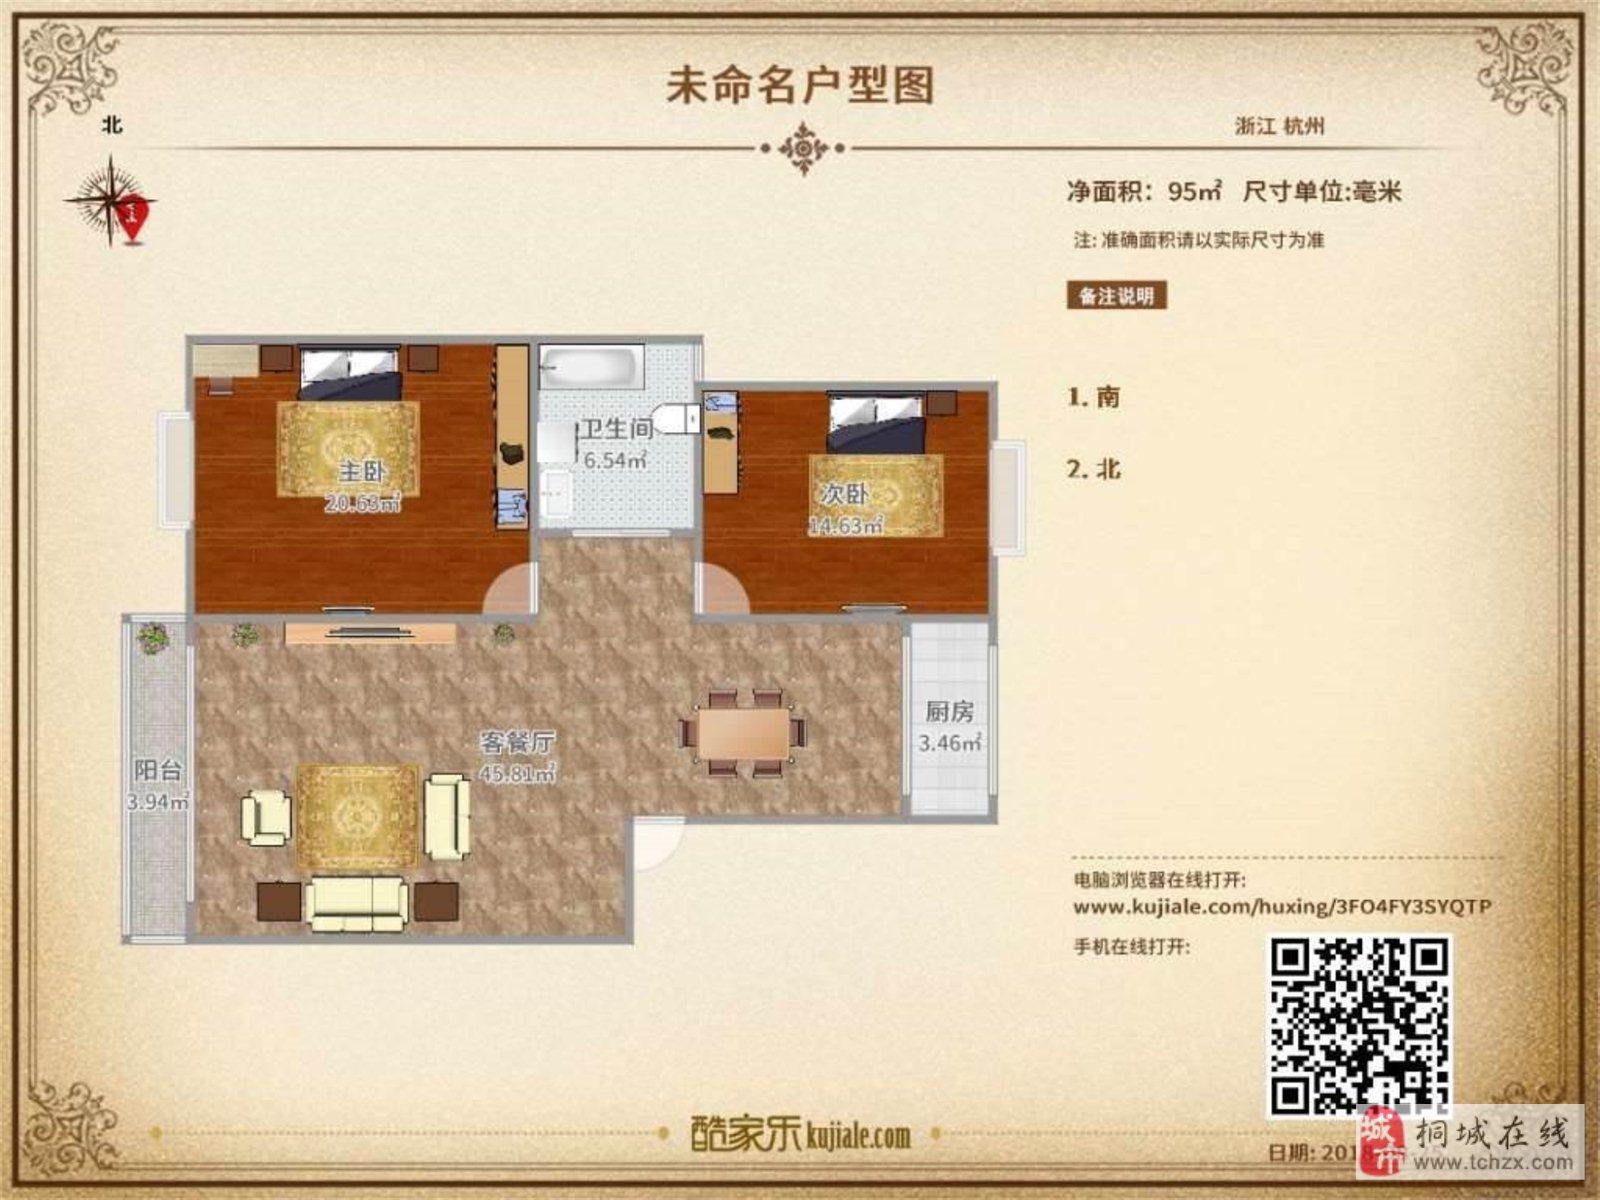 桐城人家2室2厅1卫40万元赶紧过来抢房子吧